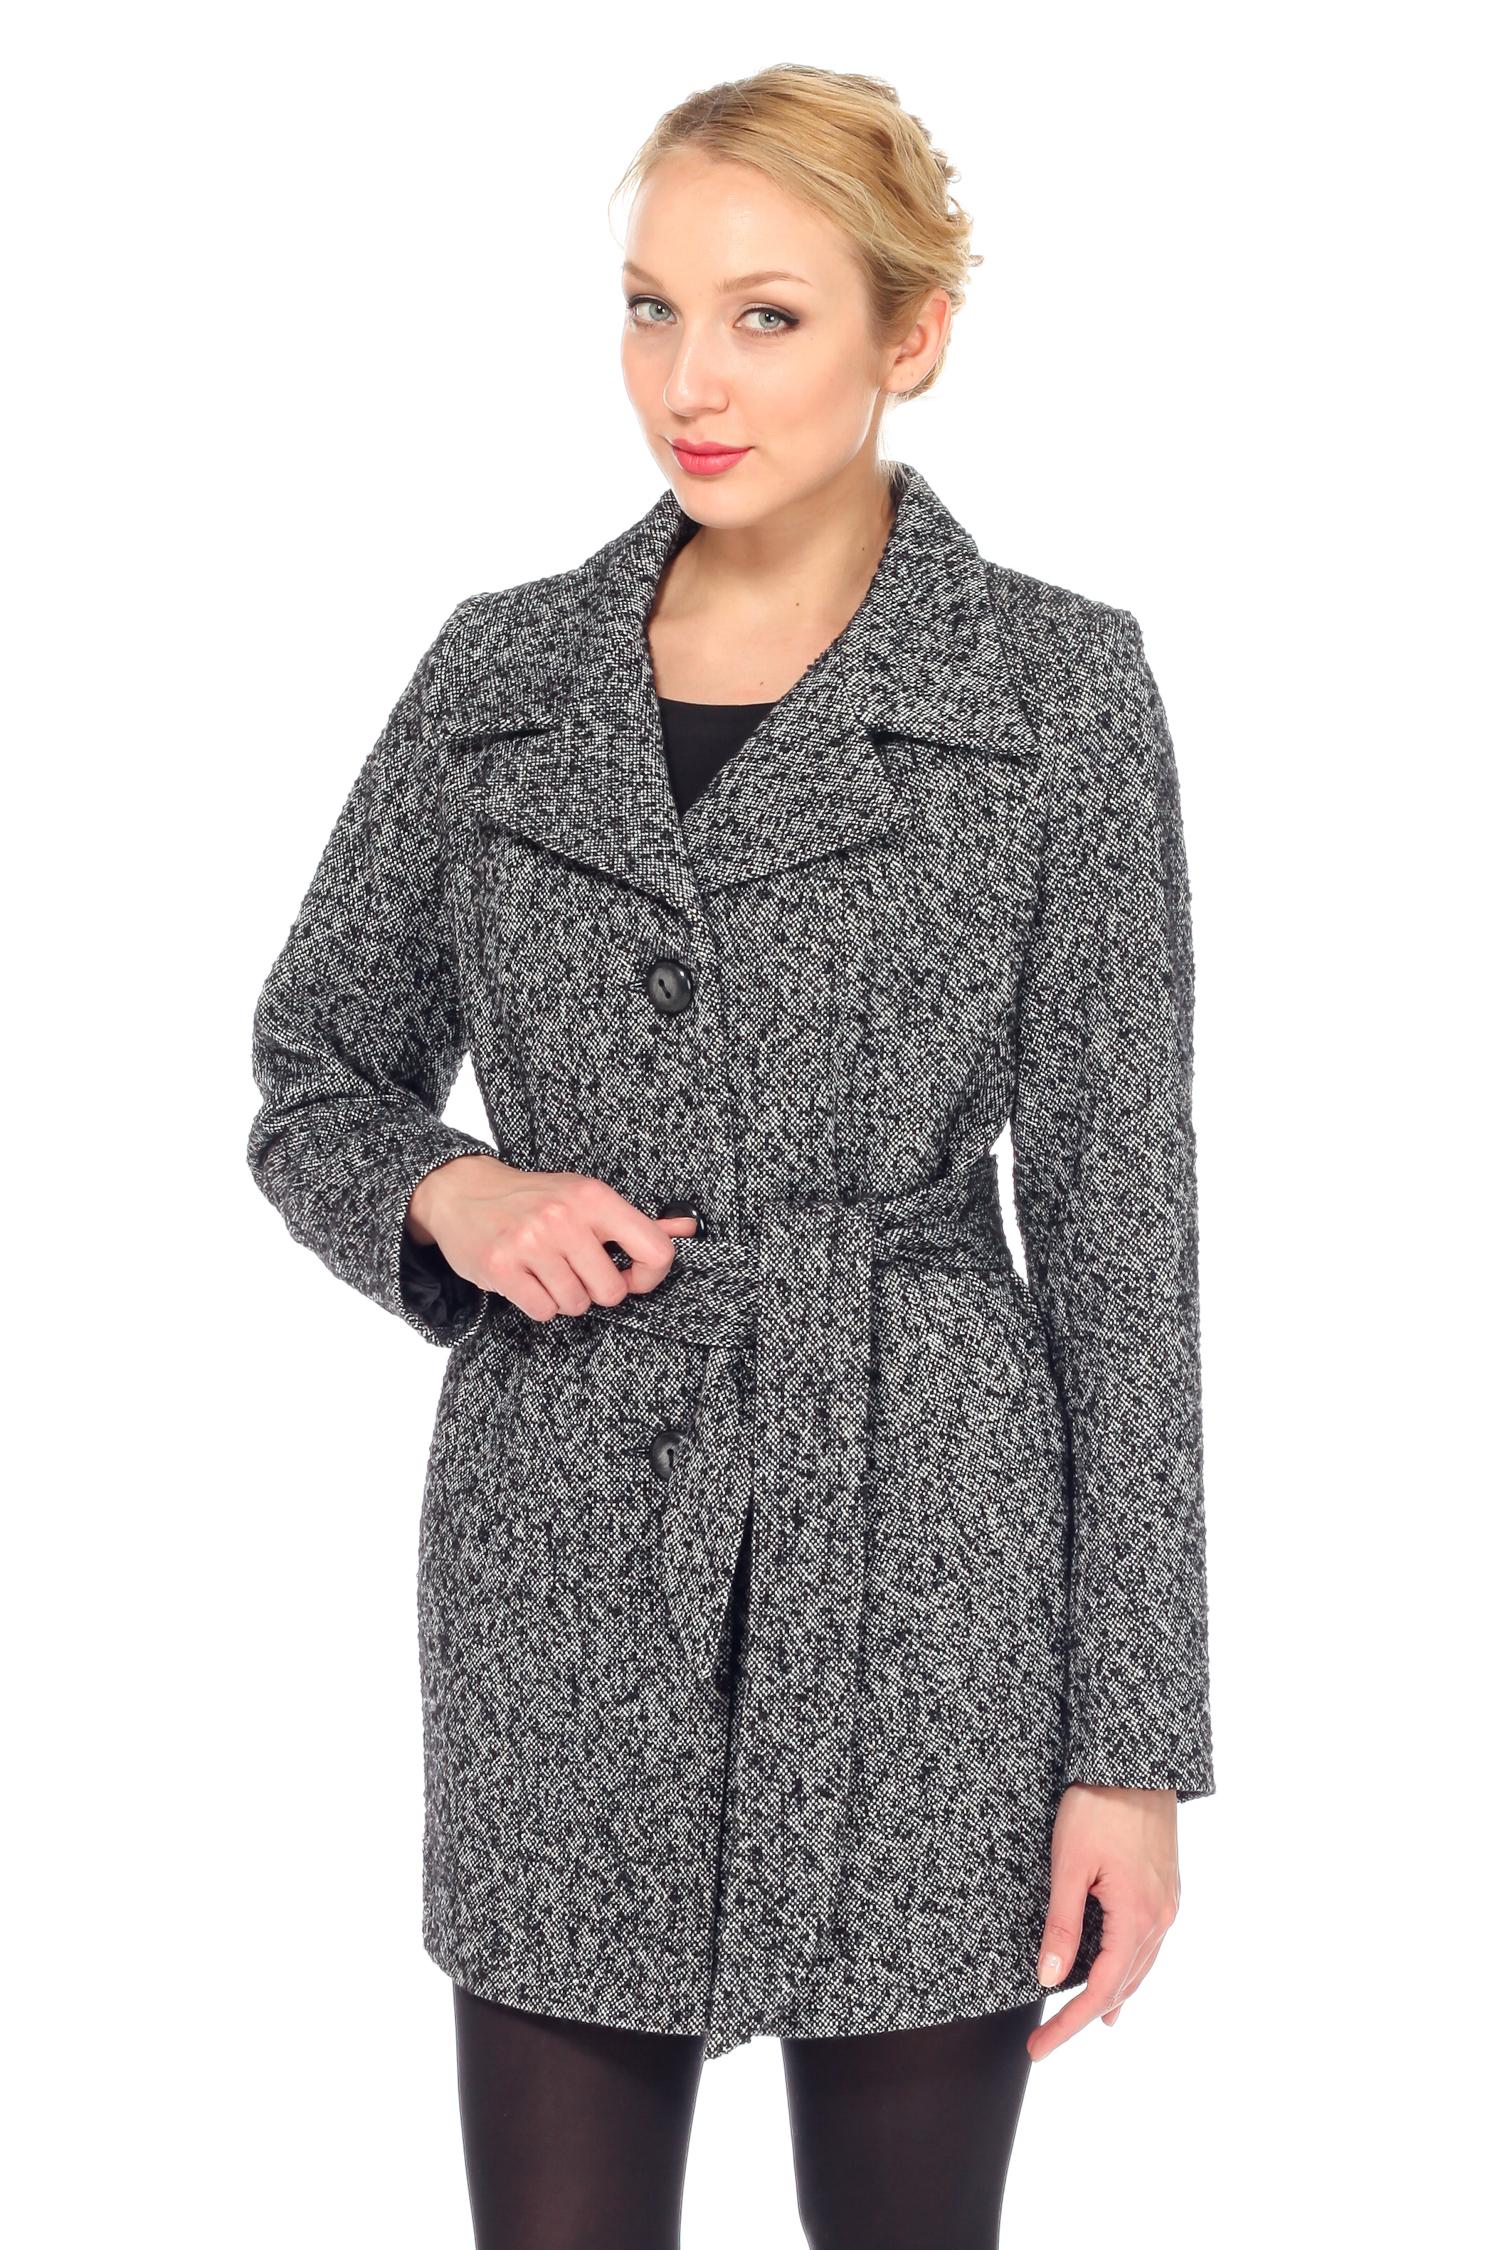 Женское пальто с воротником, без отделки<br><br>Воротник: английский<br>Длина см: Средняя (75-89 )<br>Материал: Комбинированный состав<br>Цвет: серый<br>Вид застежки: центральная<br>Застежка: на пуговицы<br>Пол: Женский<br>Размер RU: 40